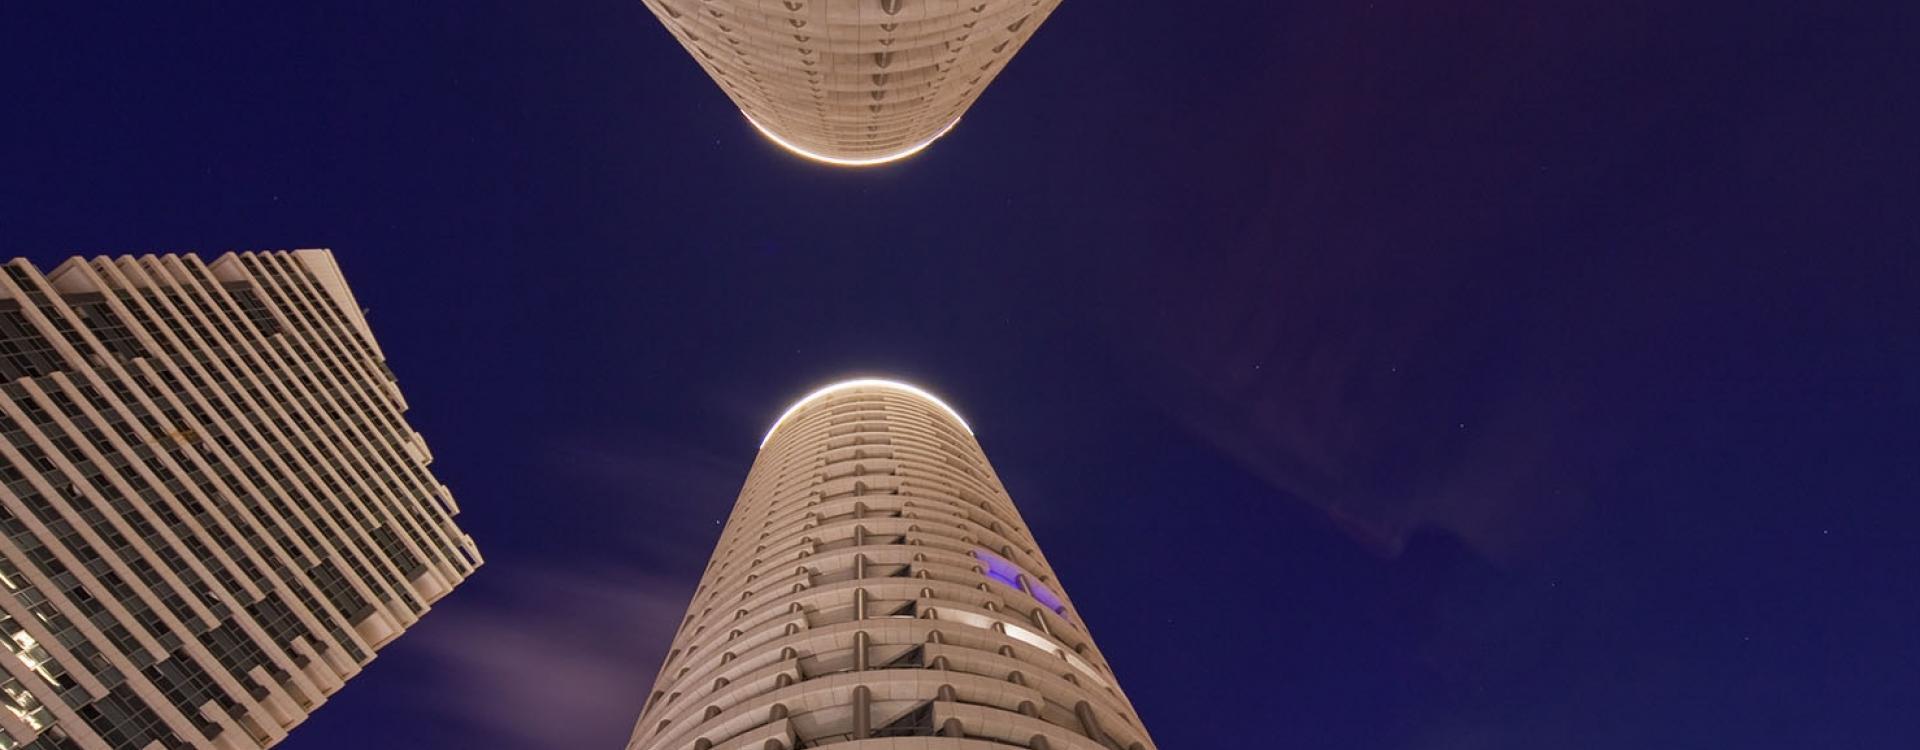 Yoo Towers, Tel Aviv, Israel